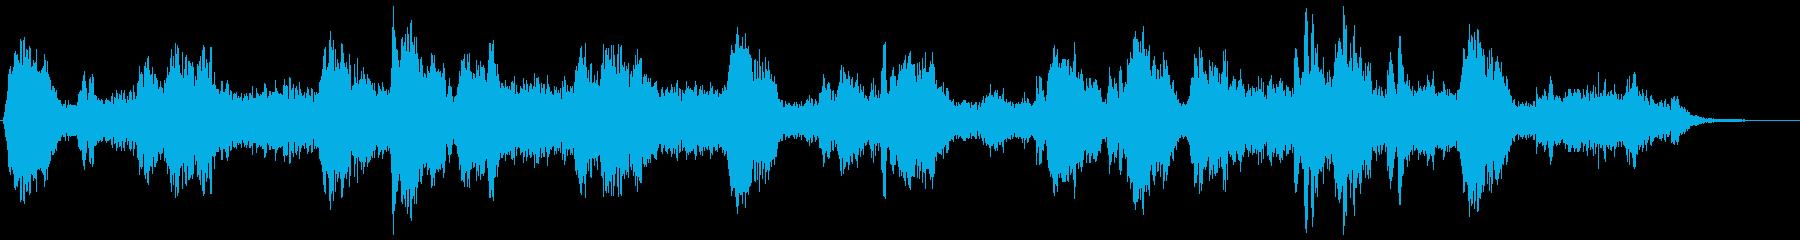 瞑想の時に聞きたい音楽の再生済みの波形